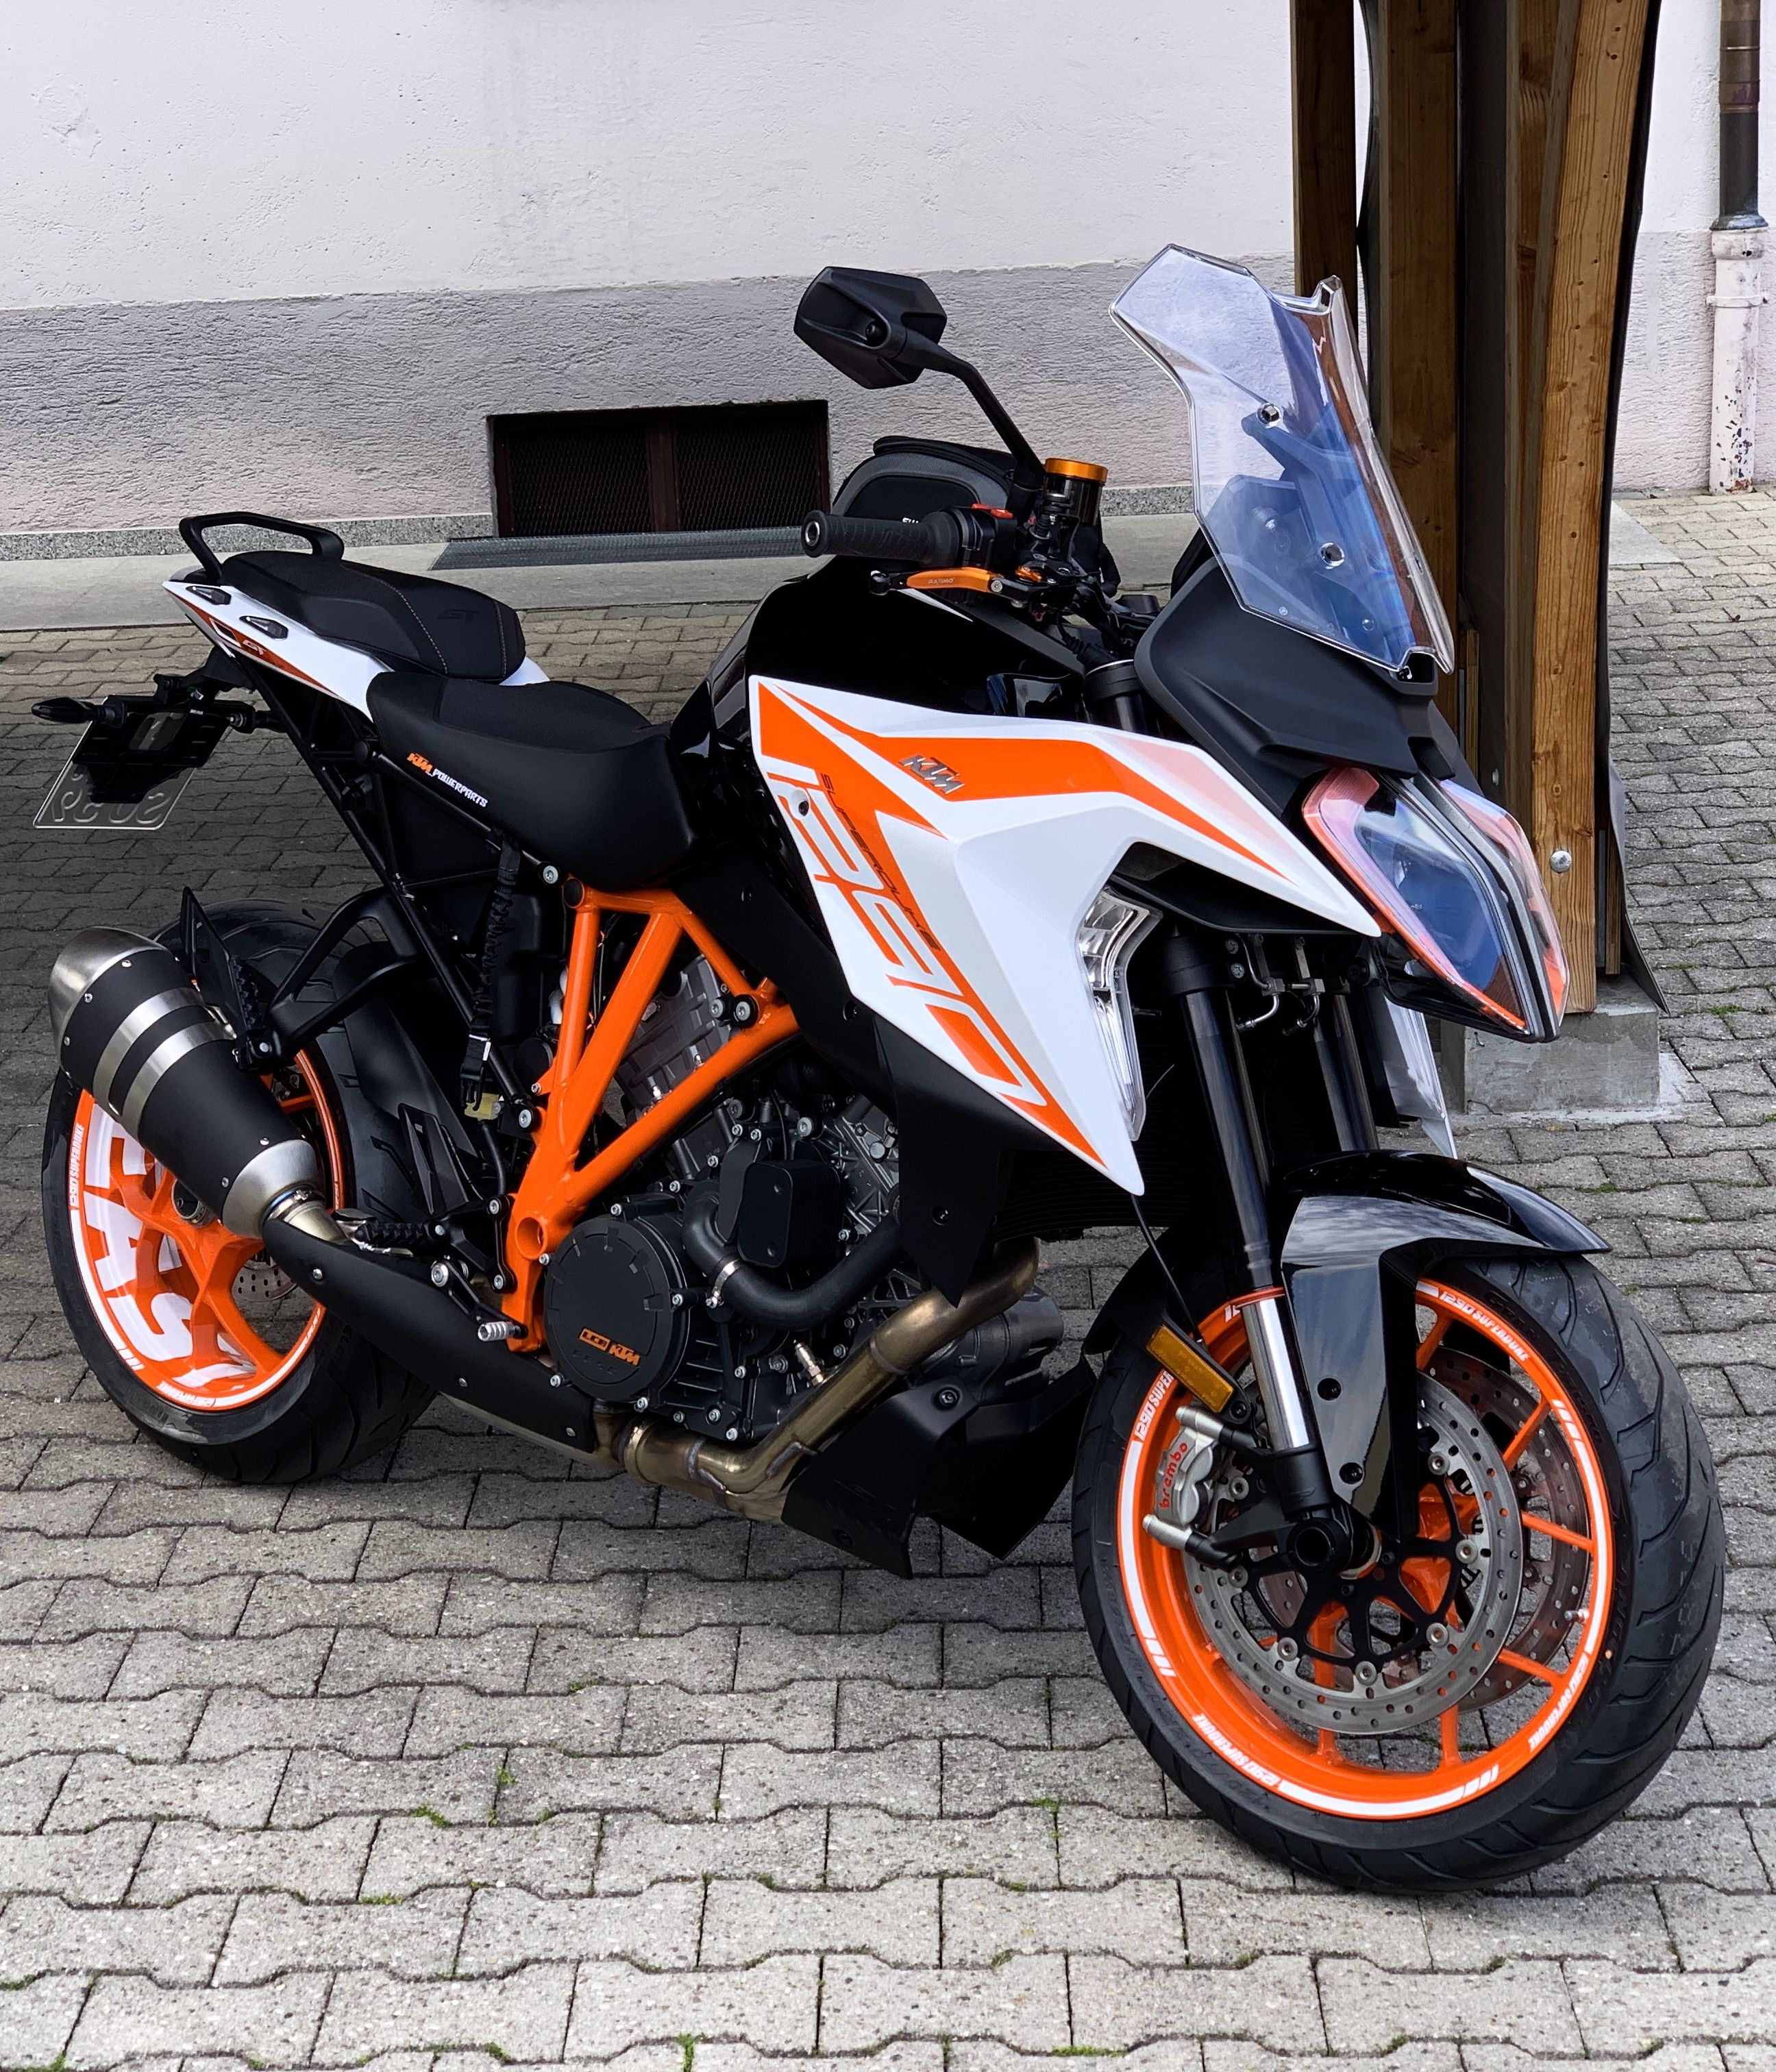 Pin By Murat Altunkalbur On Ktm Ktm Bike Ride Ktm Super Duke